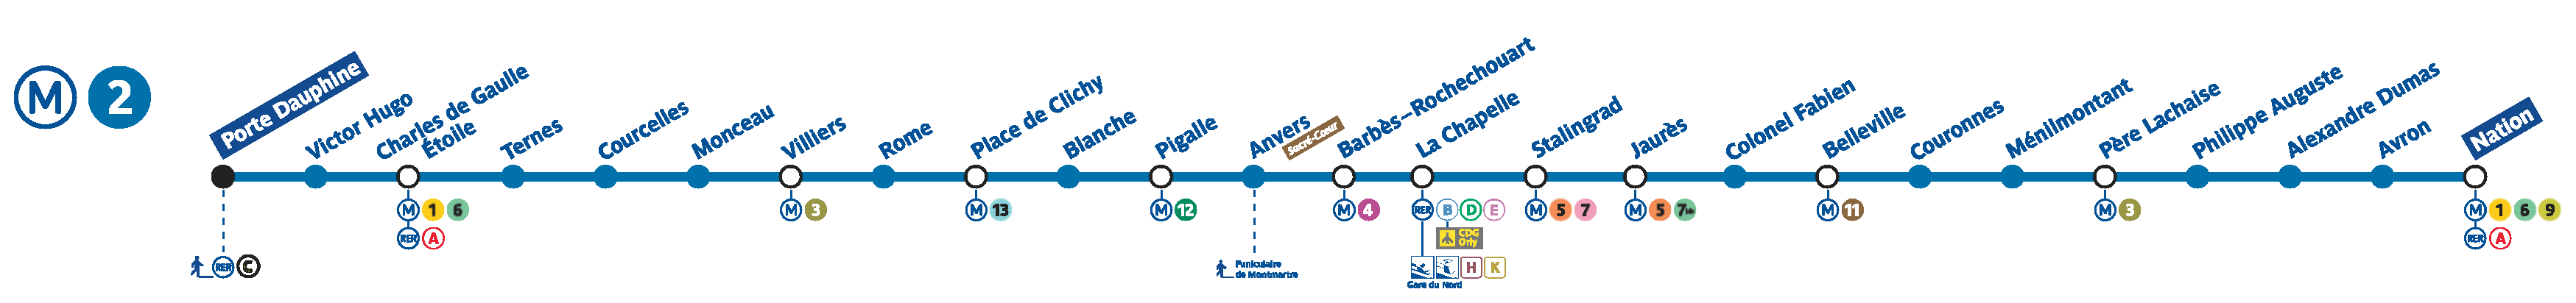 paris metro line 2